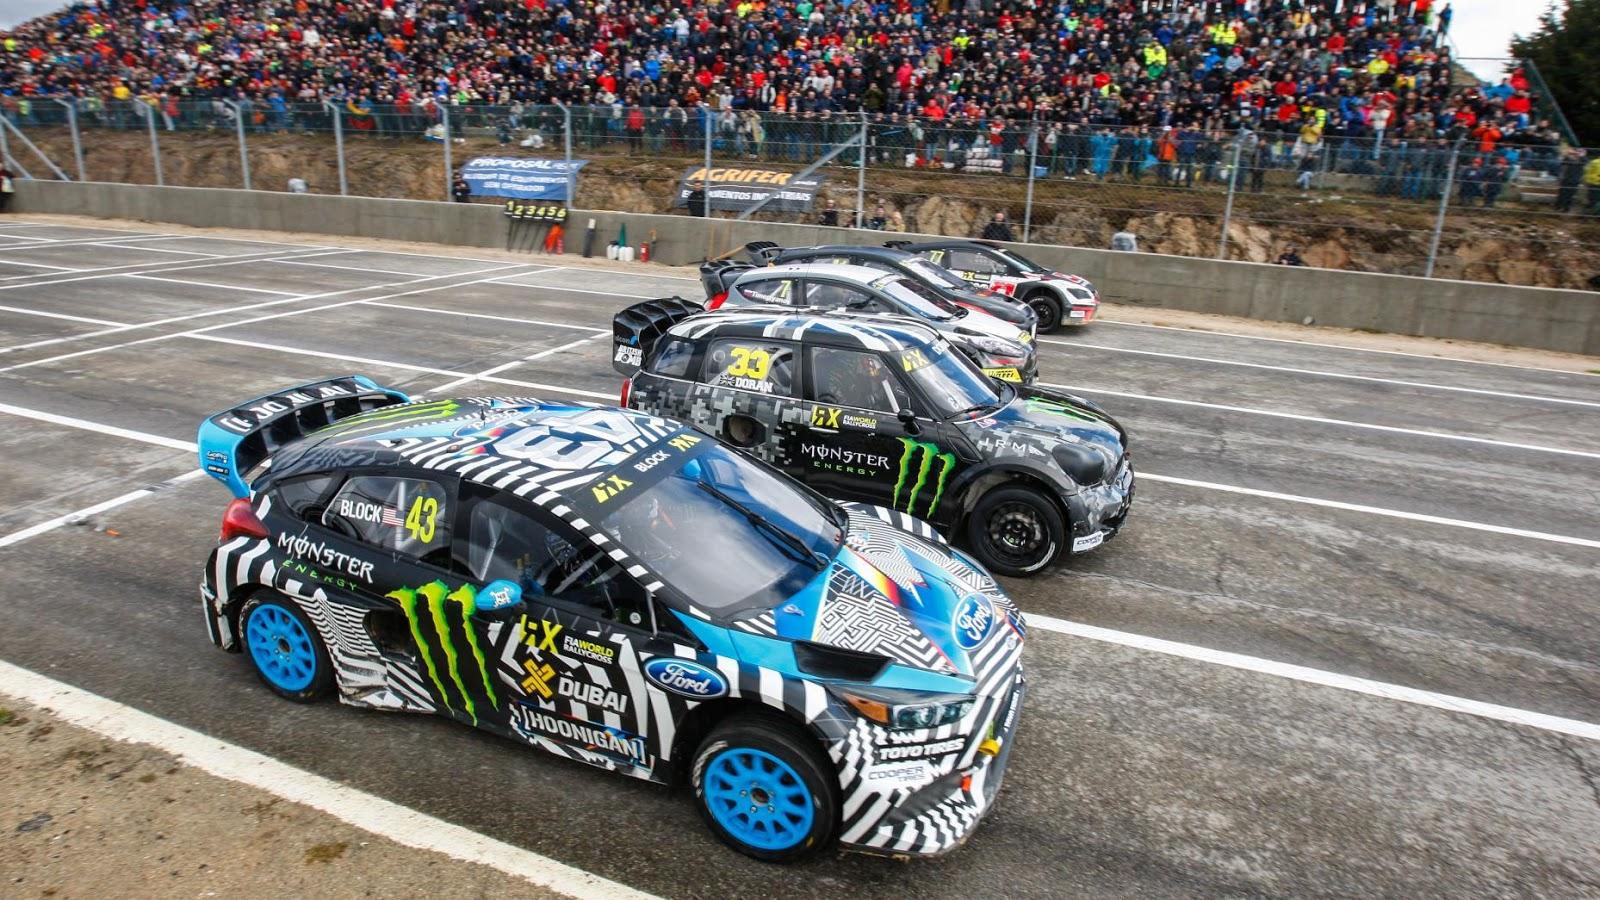 Giải đua trông không khác nào trong phim Fast & Furious